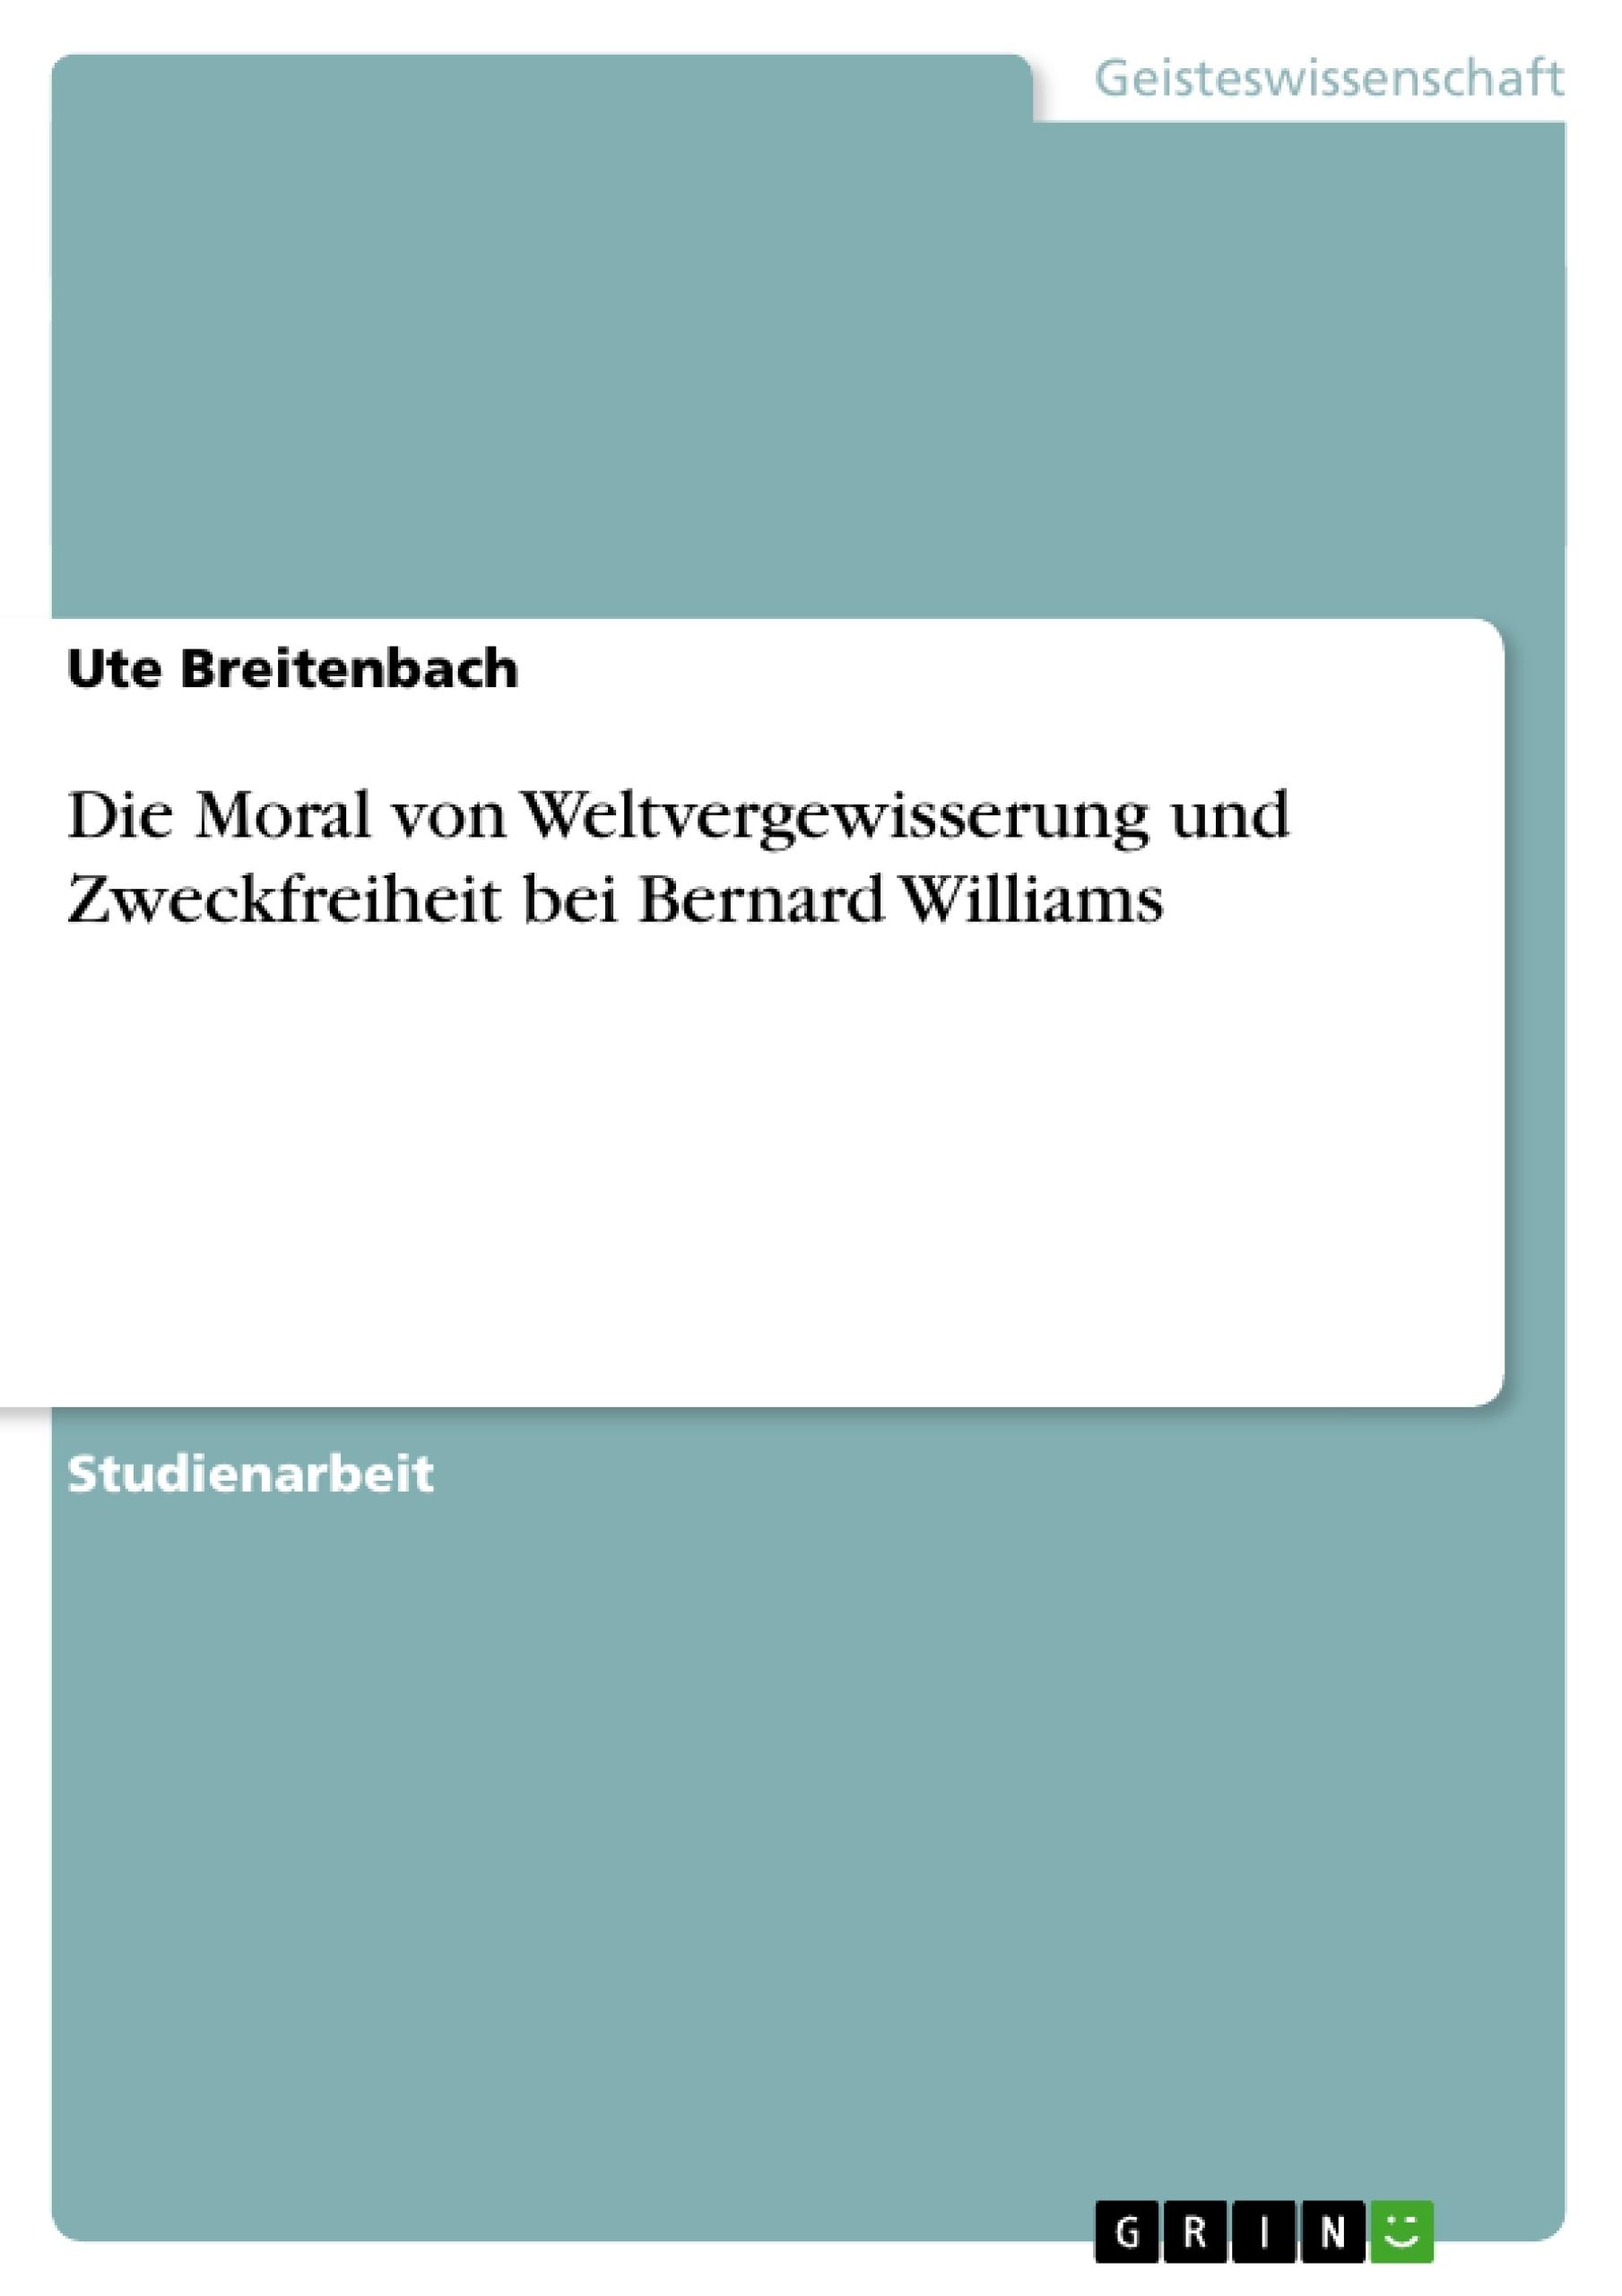 Titel: Die Moral von Weltvergewisserung und Zweckfreiheit bei Bernard Williams